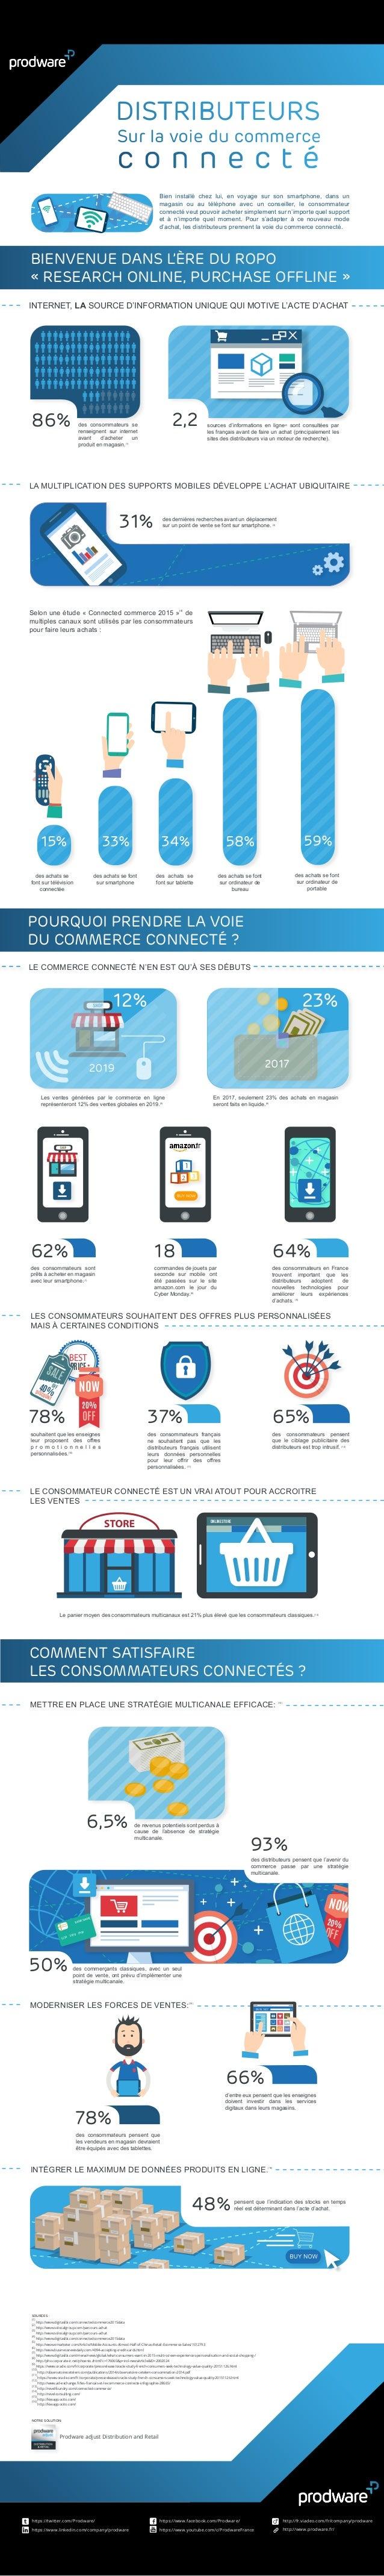 (1) http://www.digitaslbi.com/connectedcommerce2015data (4) http://www.digitaslbi.com/connectedcommerce2015data (5) http:/...